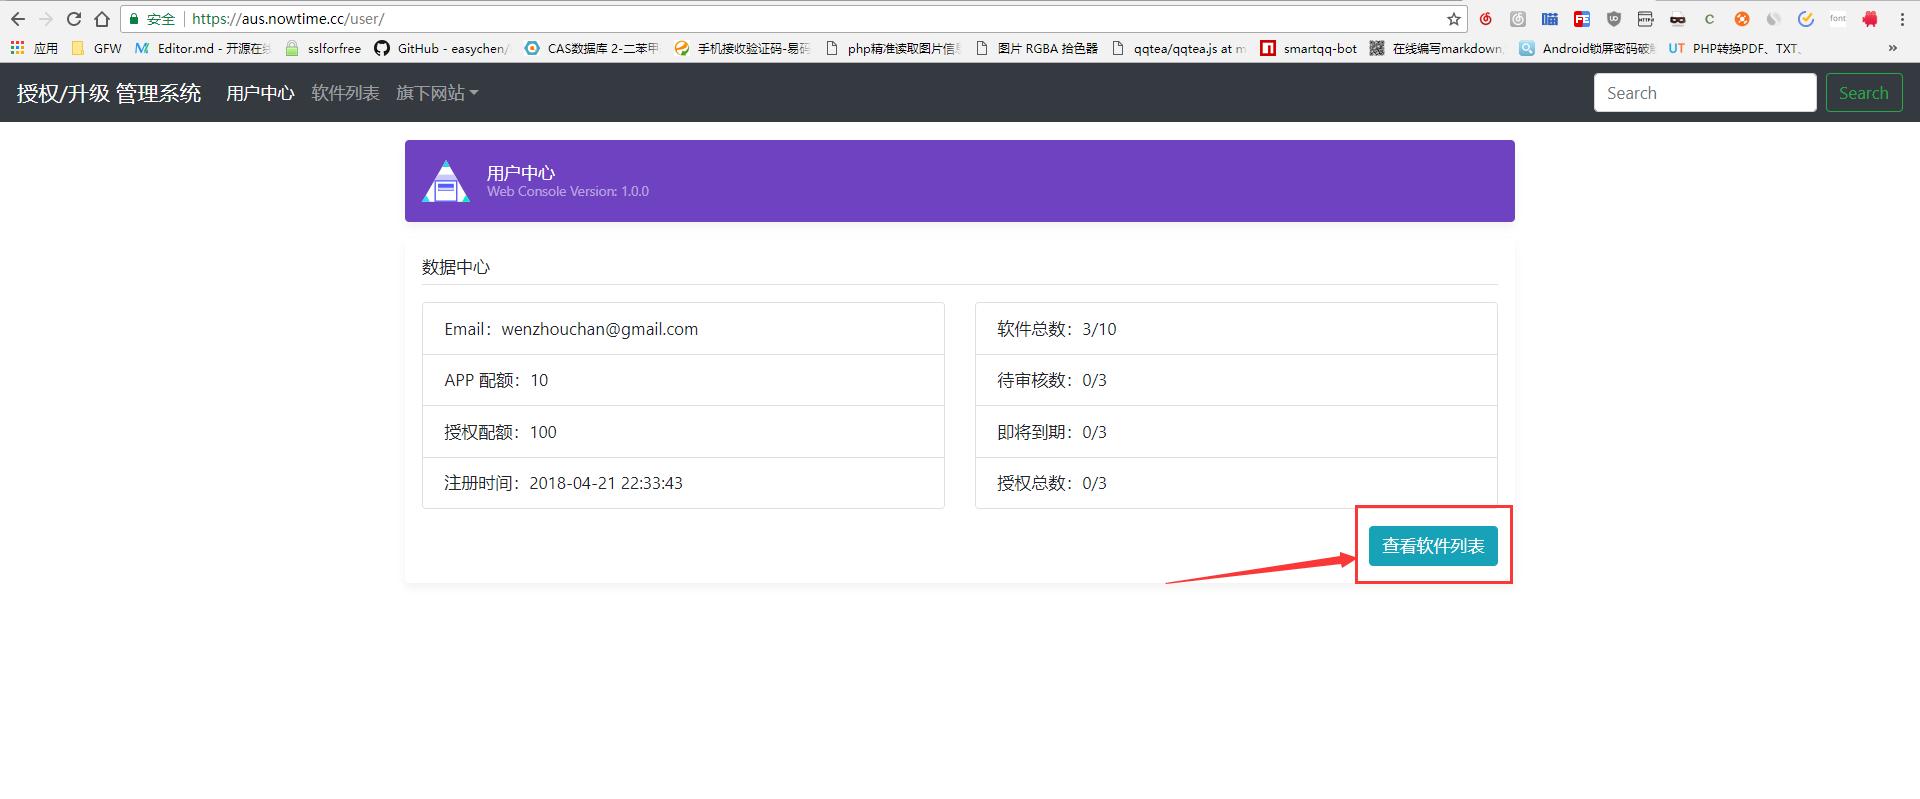 用户中心 - 授权/升级 管理系统(AUS.NowTime.cc)